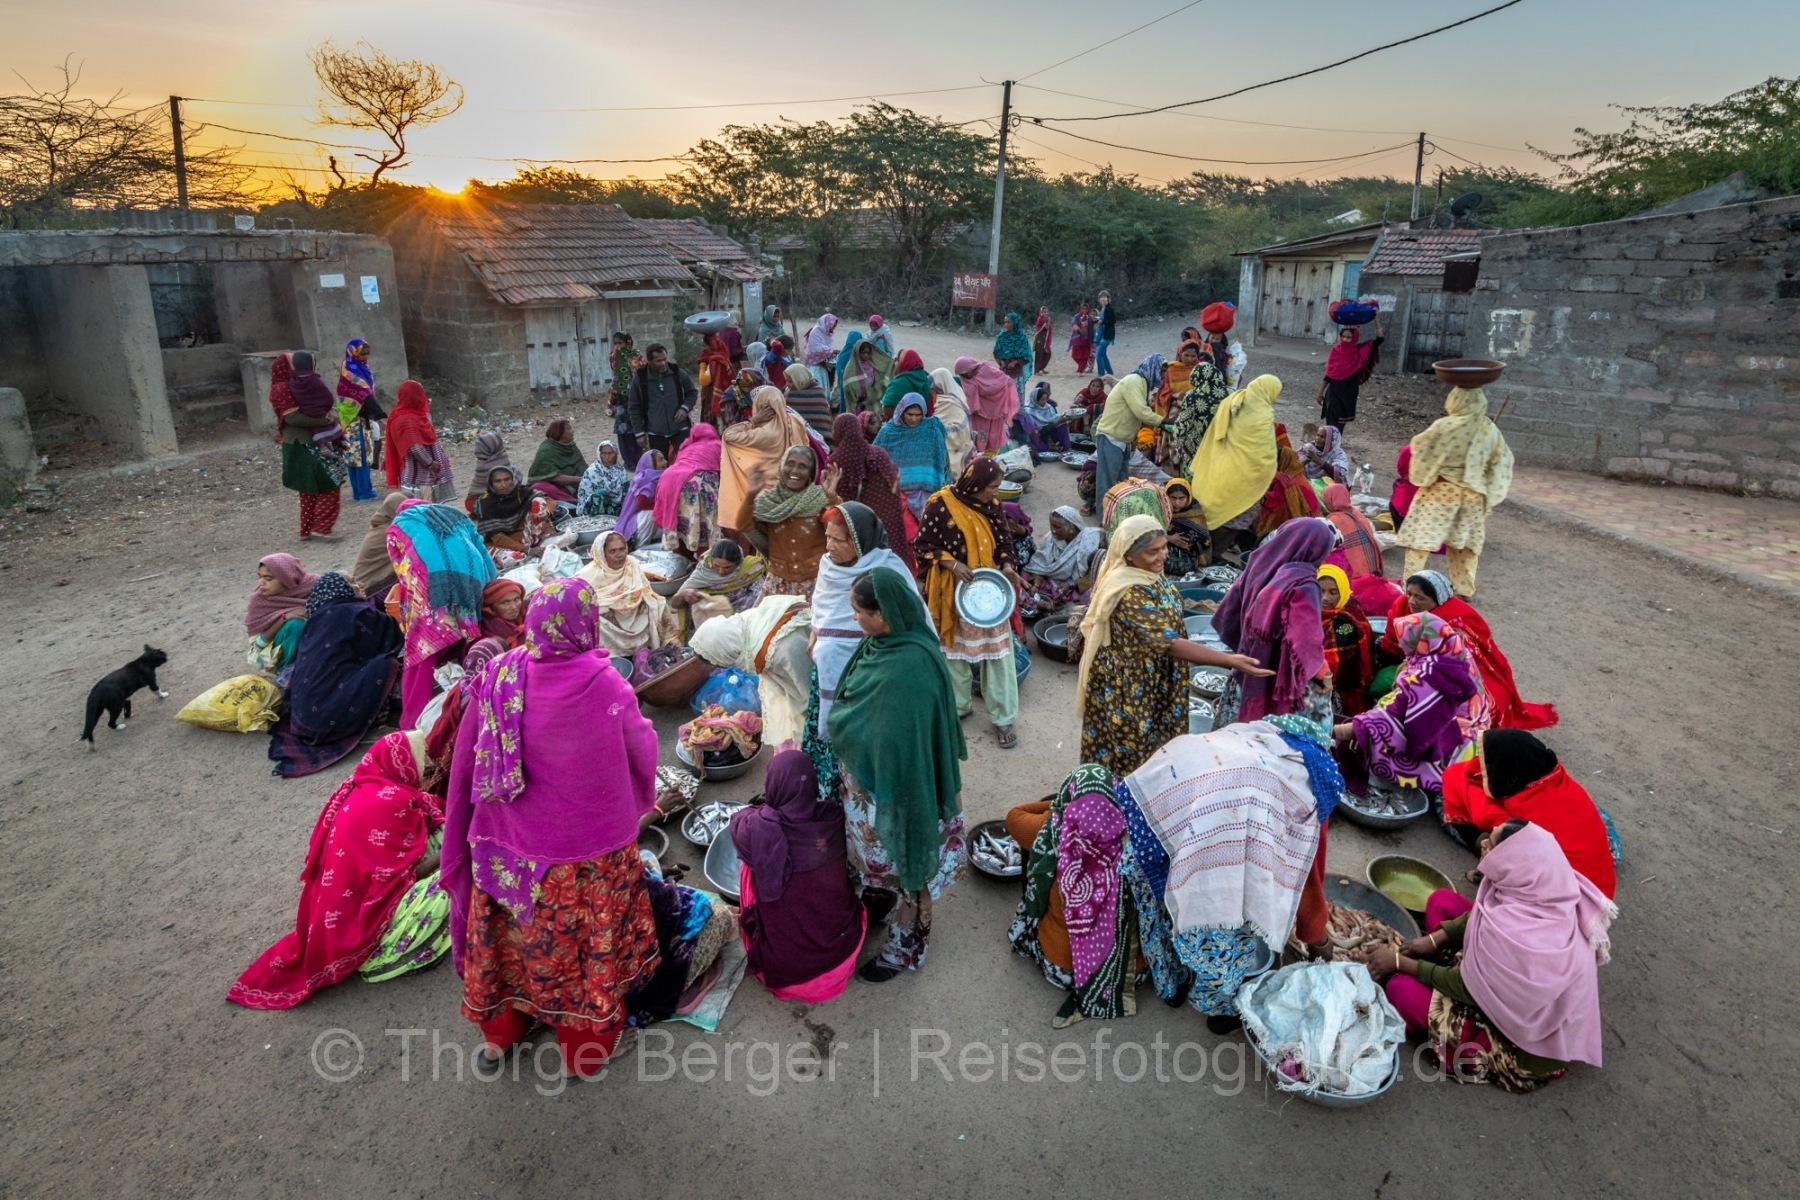 Fishmarket in a village in Gujarat